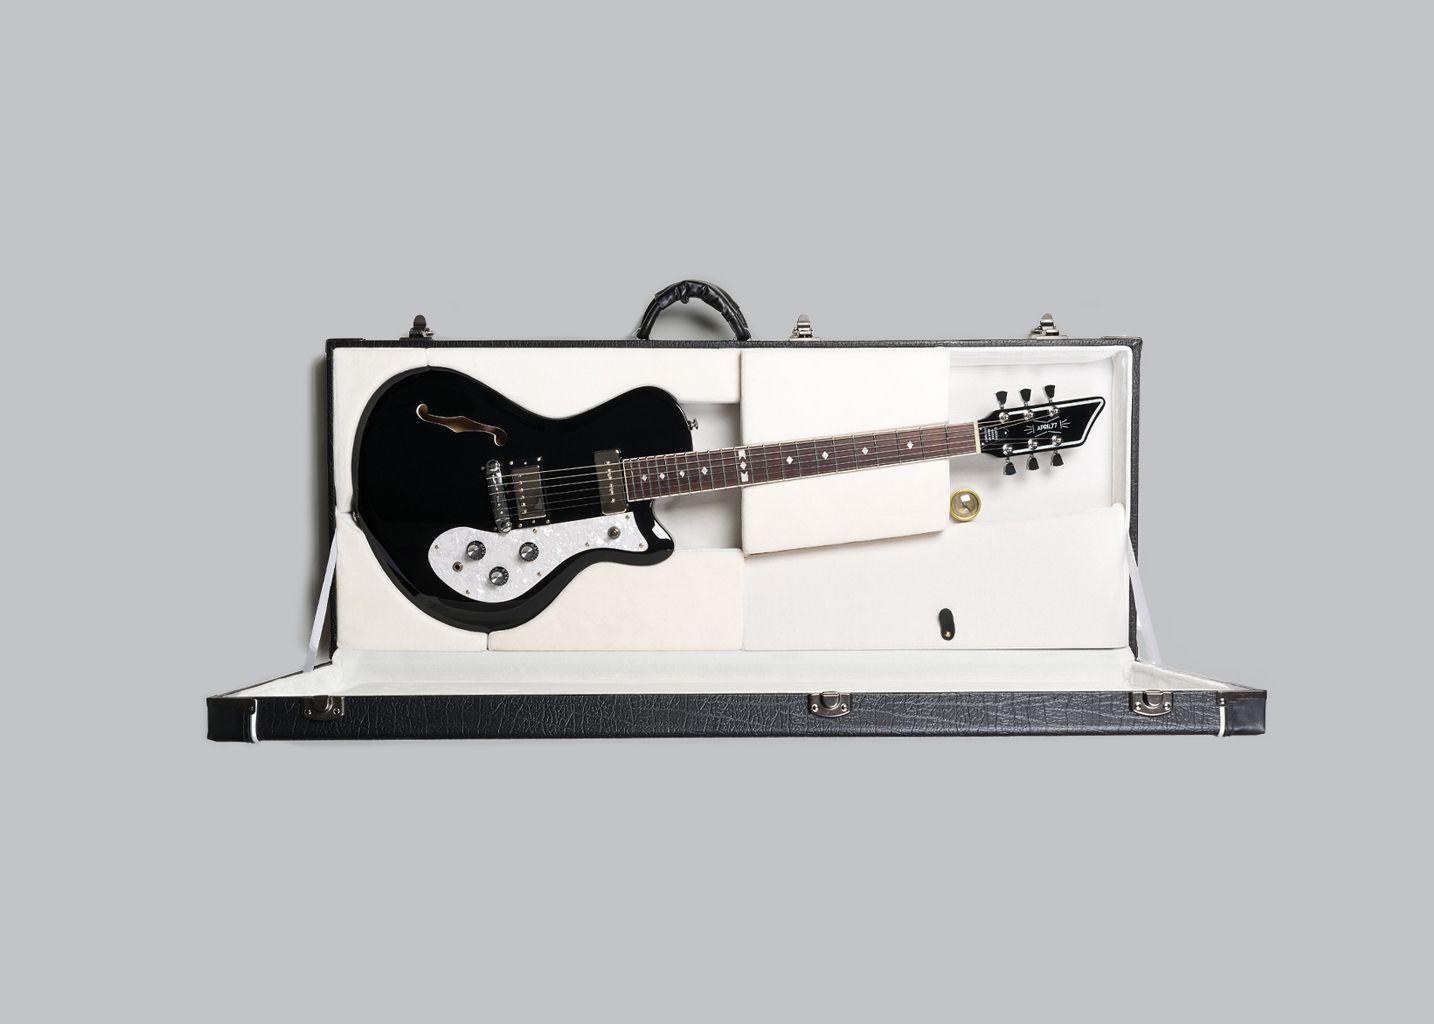 Eléctrique Guitare Noir April 77 L'exception drdwpqv5